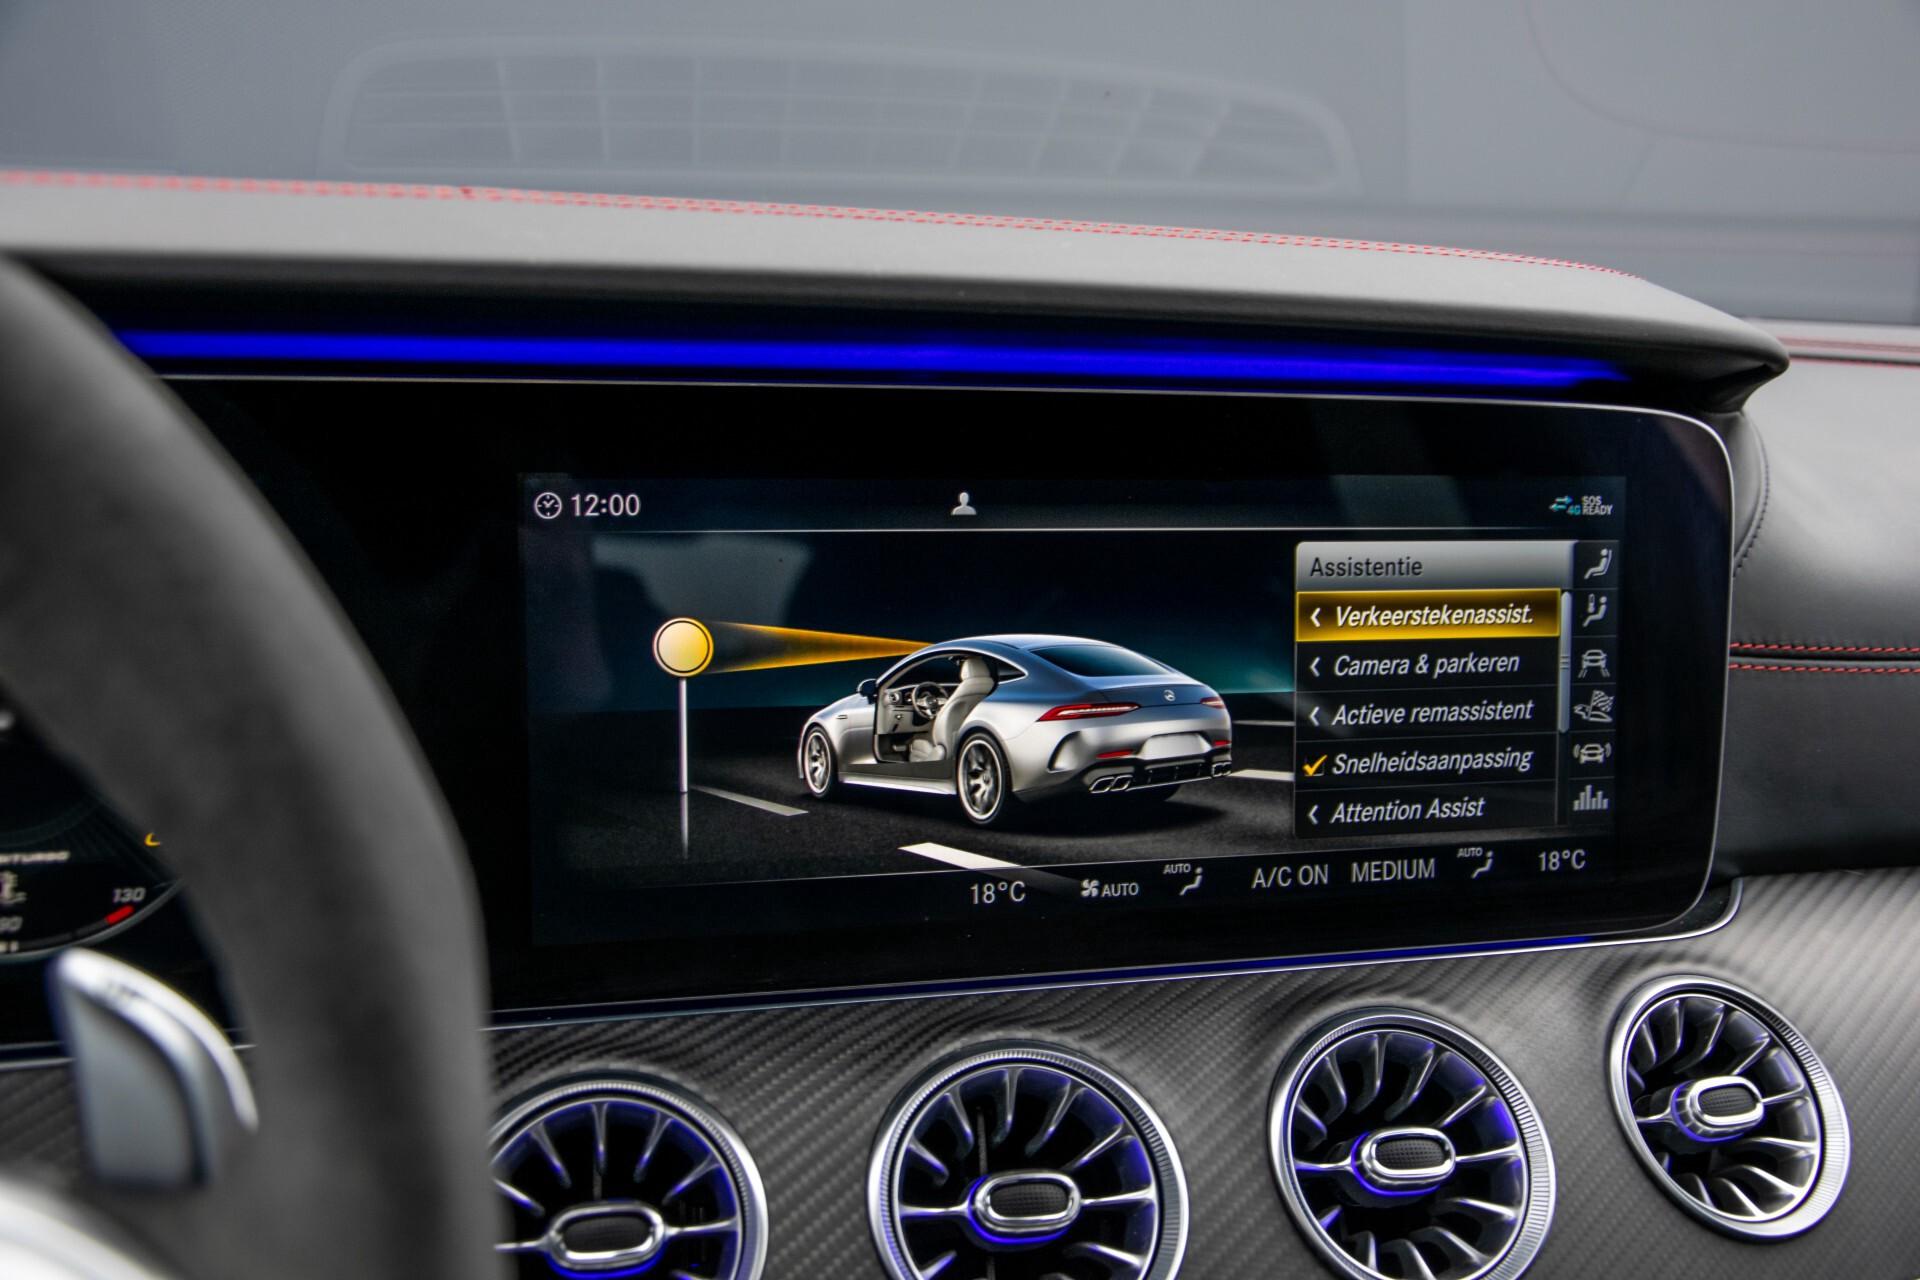 Mercedes-Benz AMG GT 4-Door Coupe 63 S 4M+ Keramisch/Full Carbon/Aerodynamica/Burmester 3D/TV/Performance stoelen/Standkachel Aut9 Foto 35